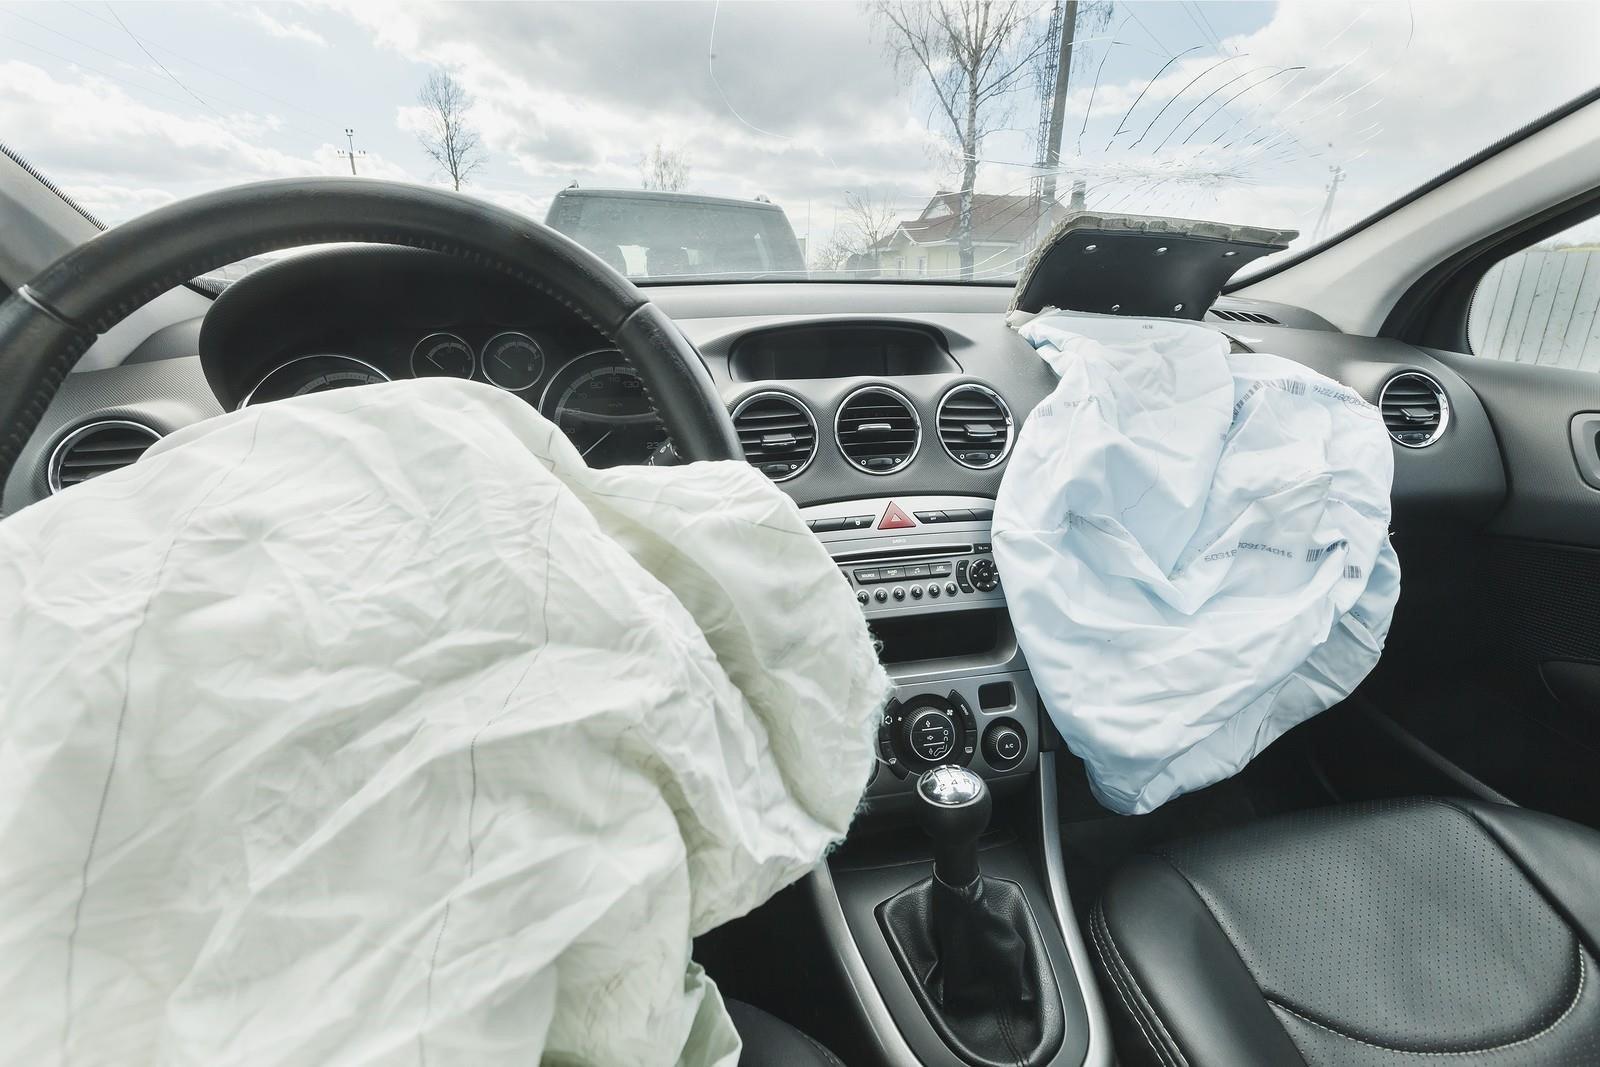 Khám phá những con số liên quan đến túi khí an toàn trên ô tô a7